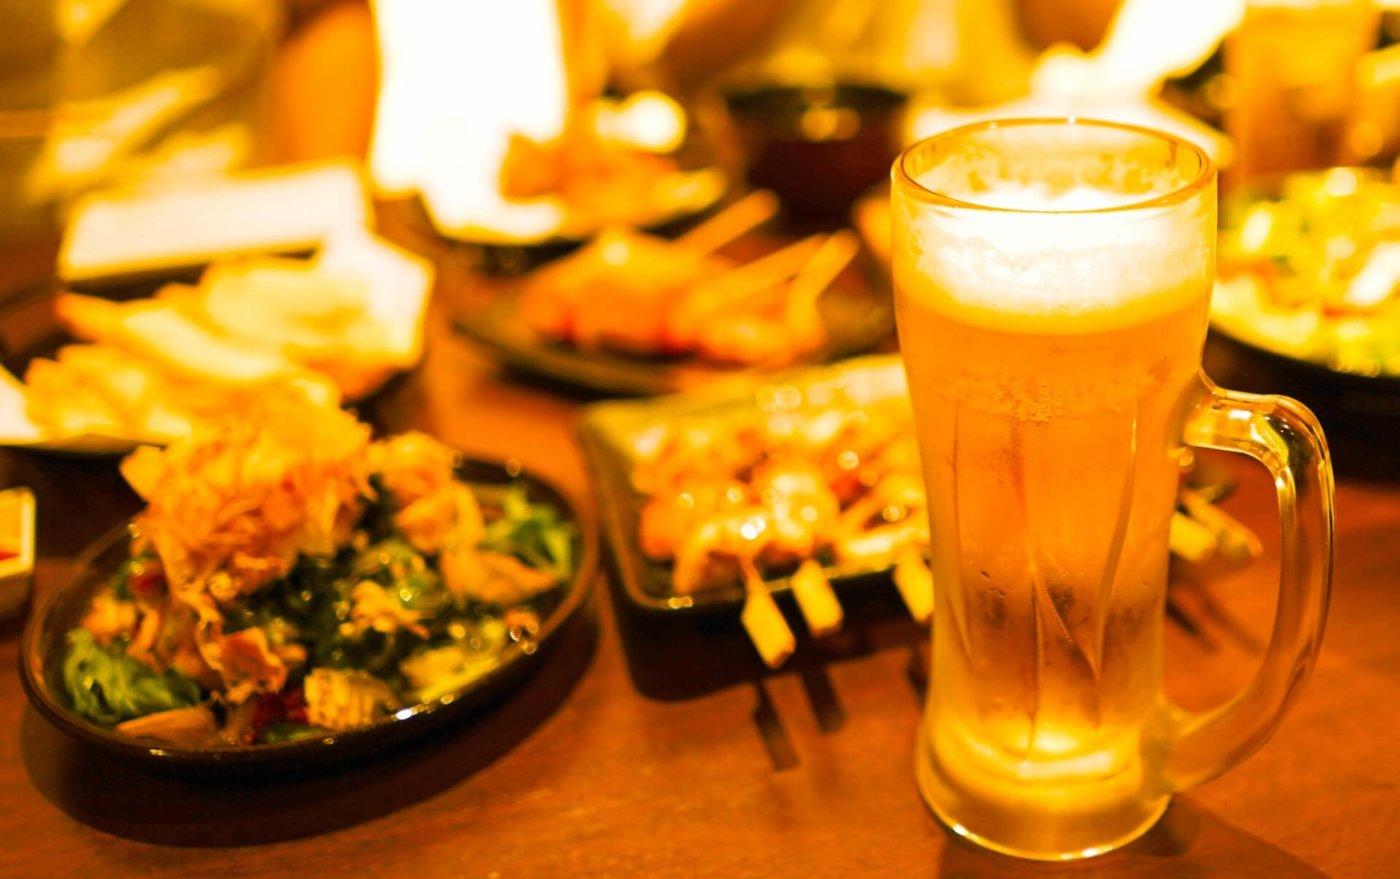 パーティーにいかが?横浜の居酒屋「珍獣屋」の珍獣料理